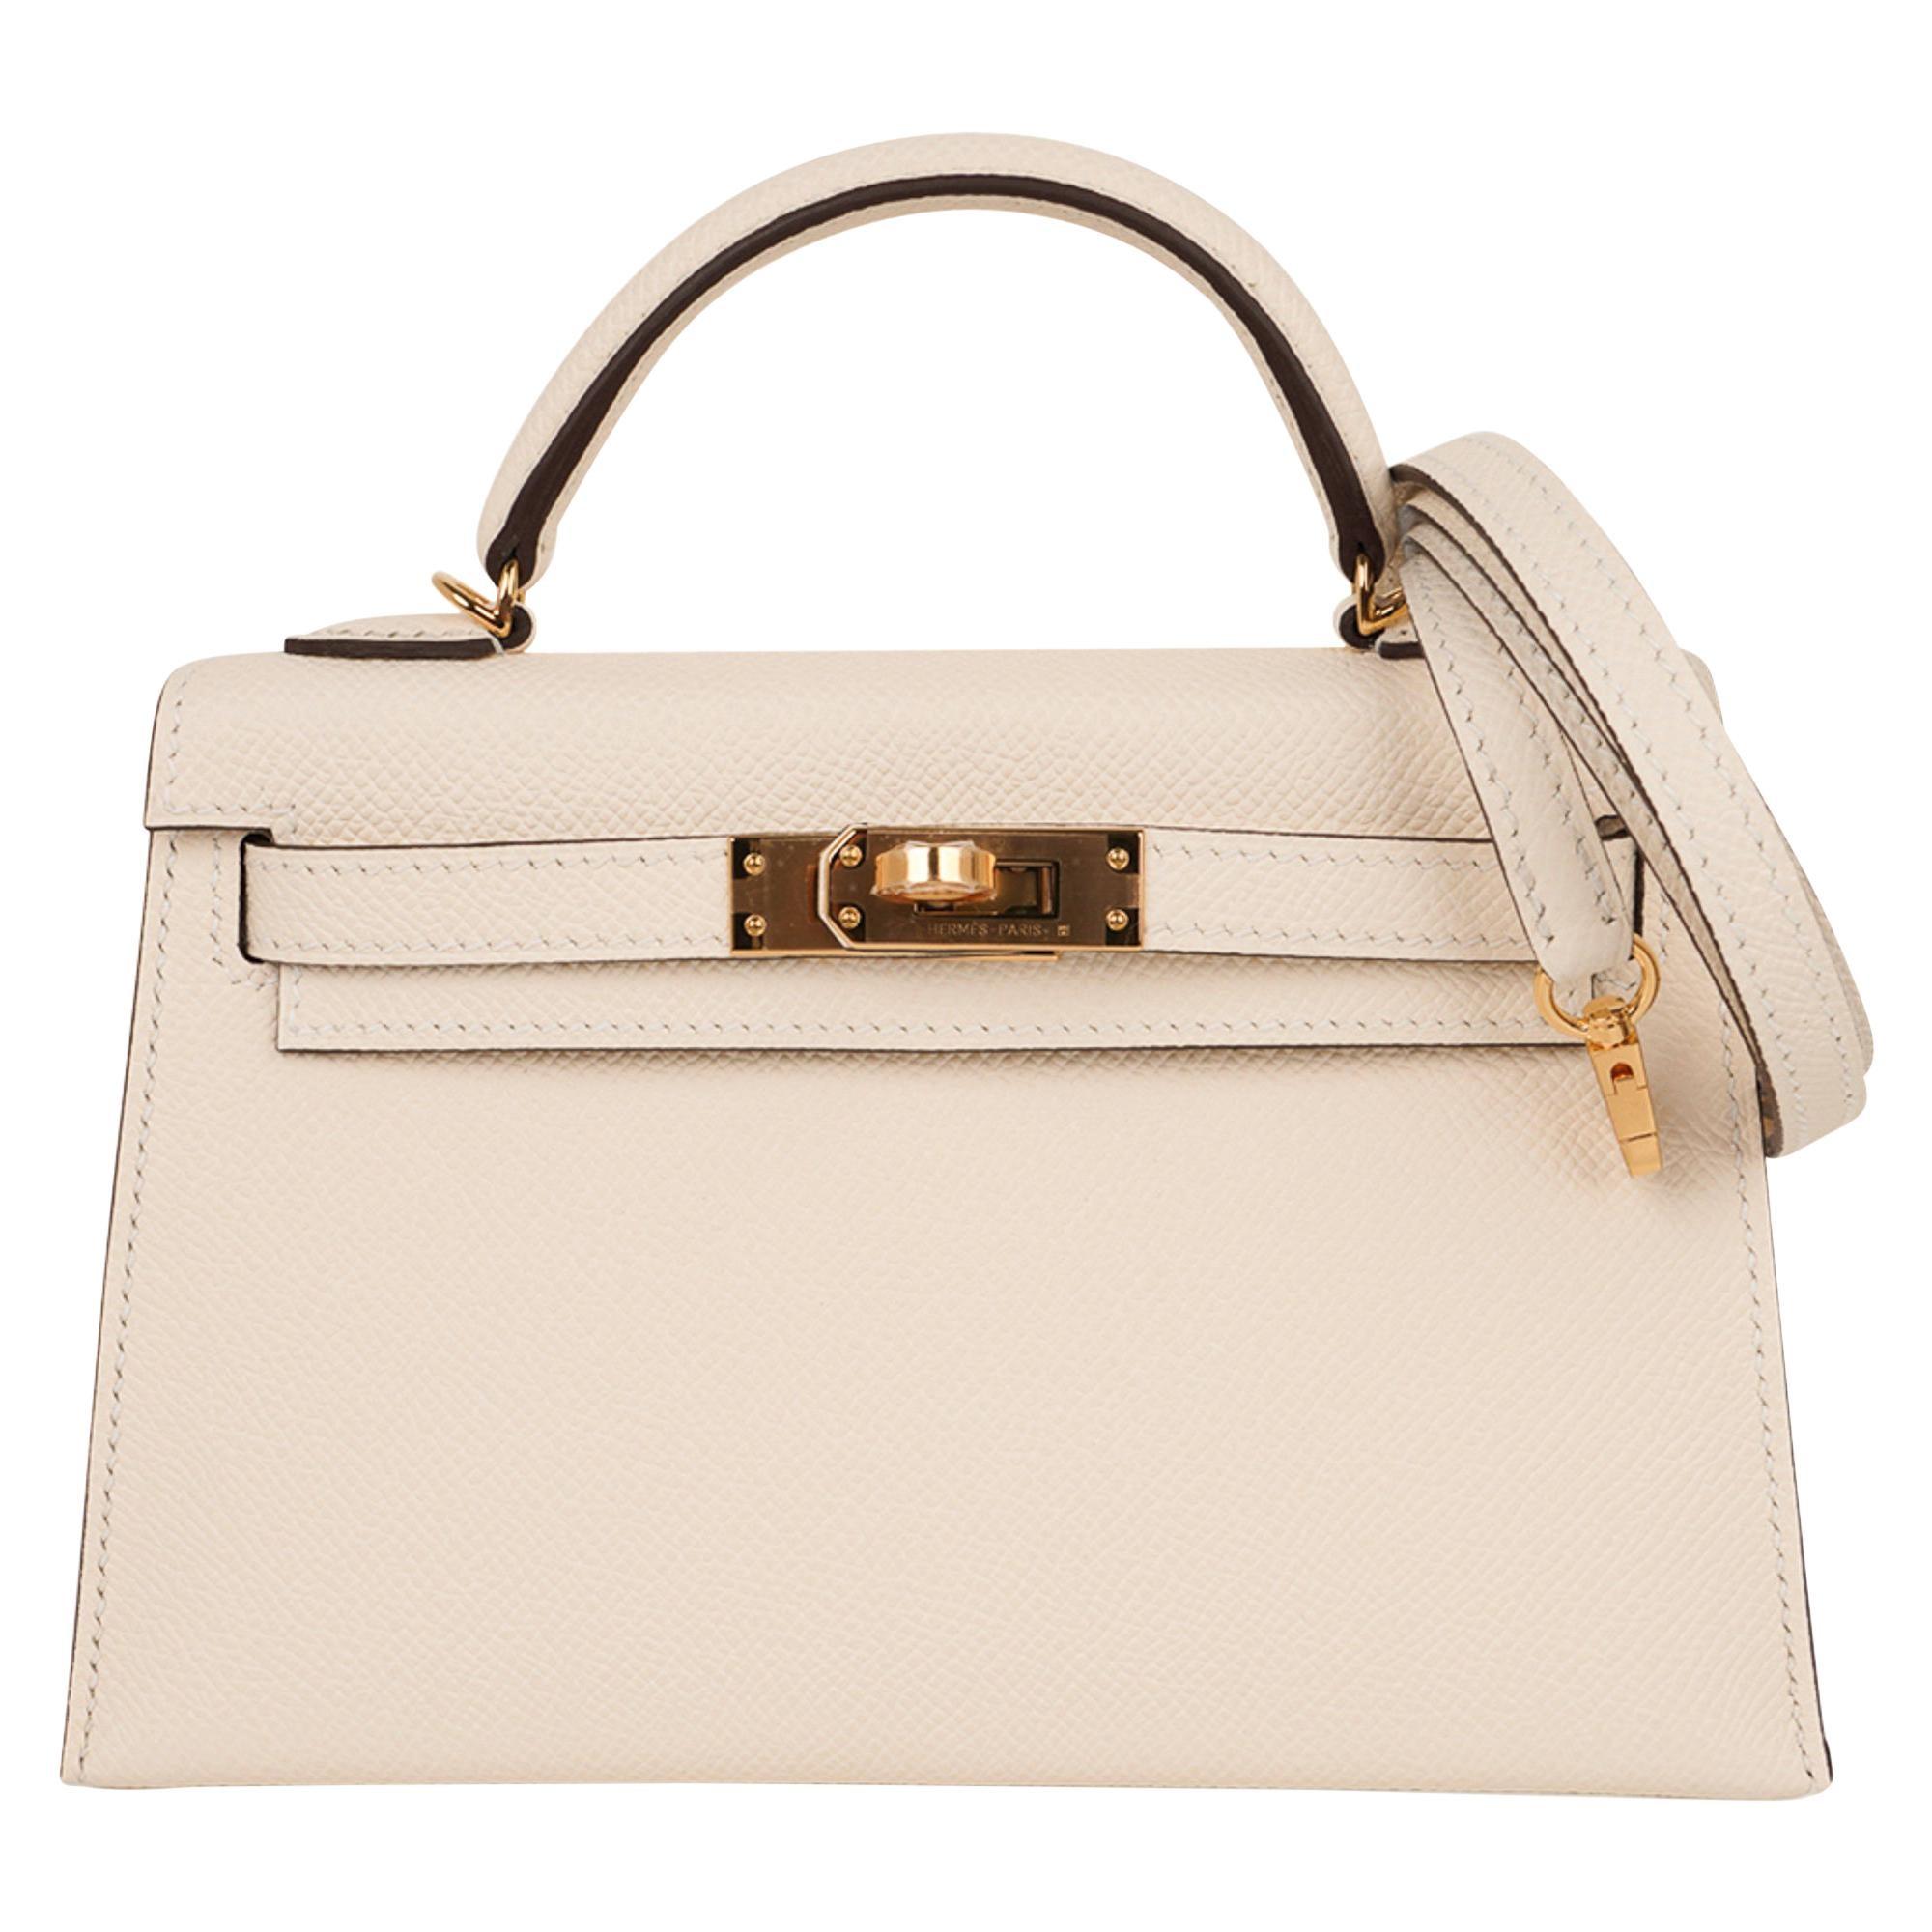 Hermes Kelly 20 Mini Sellier Bag Nata Epsom Gold Hardware